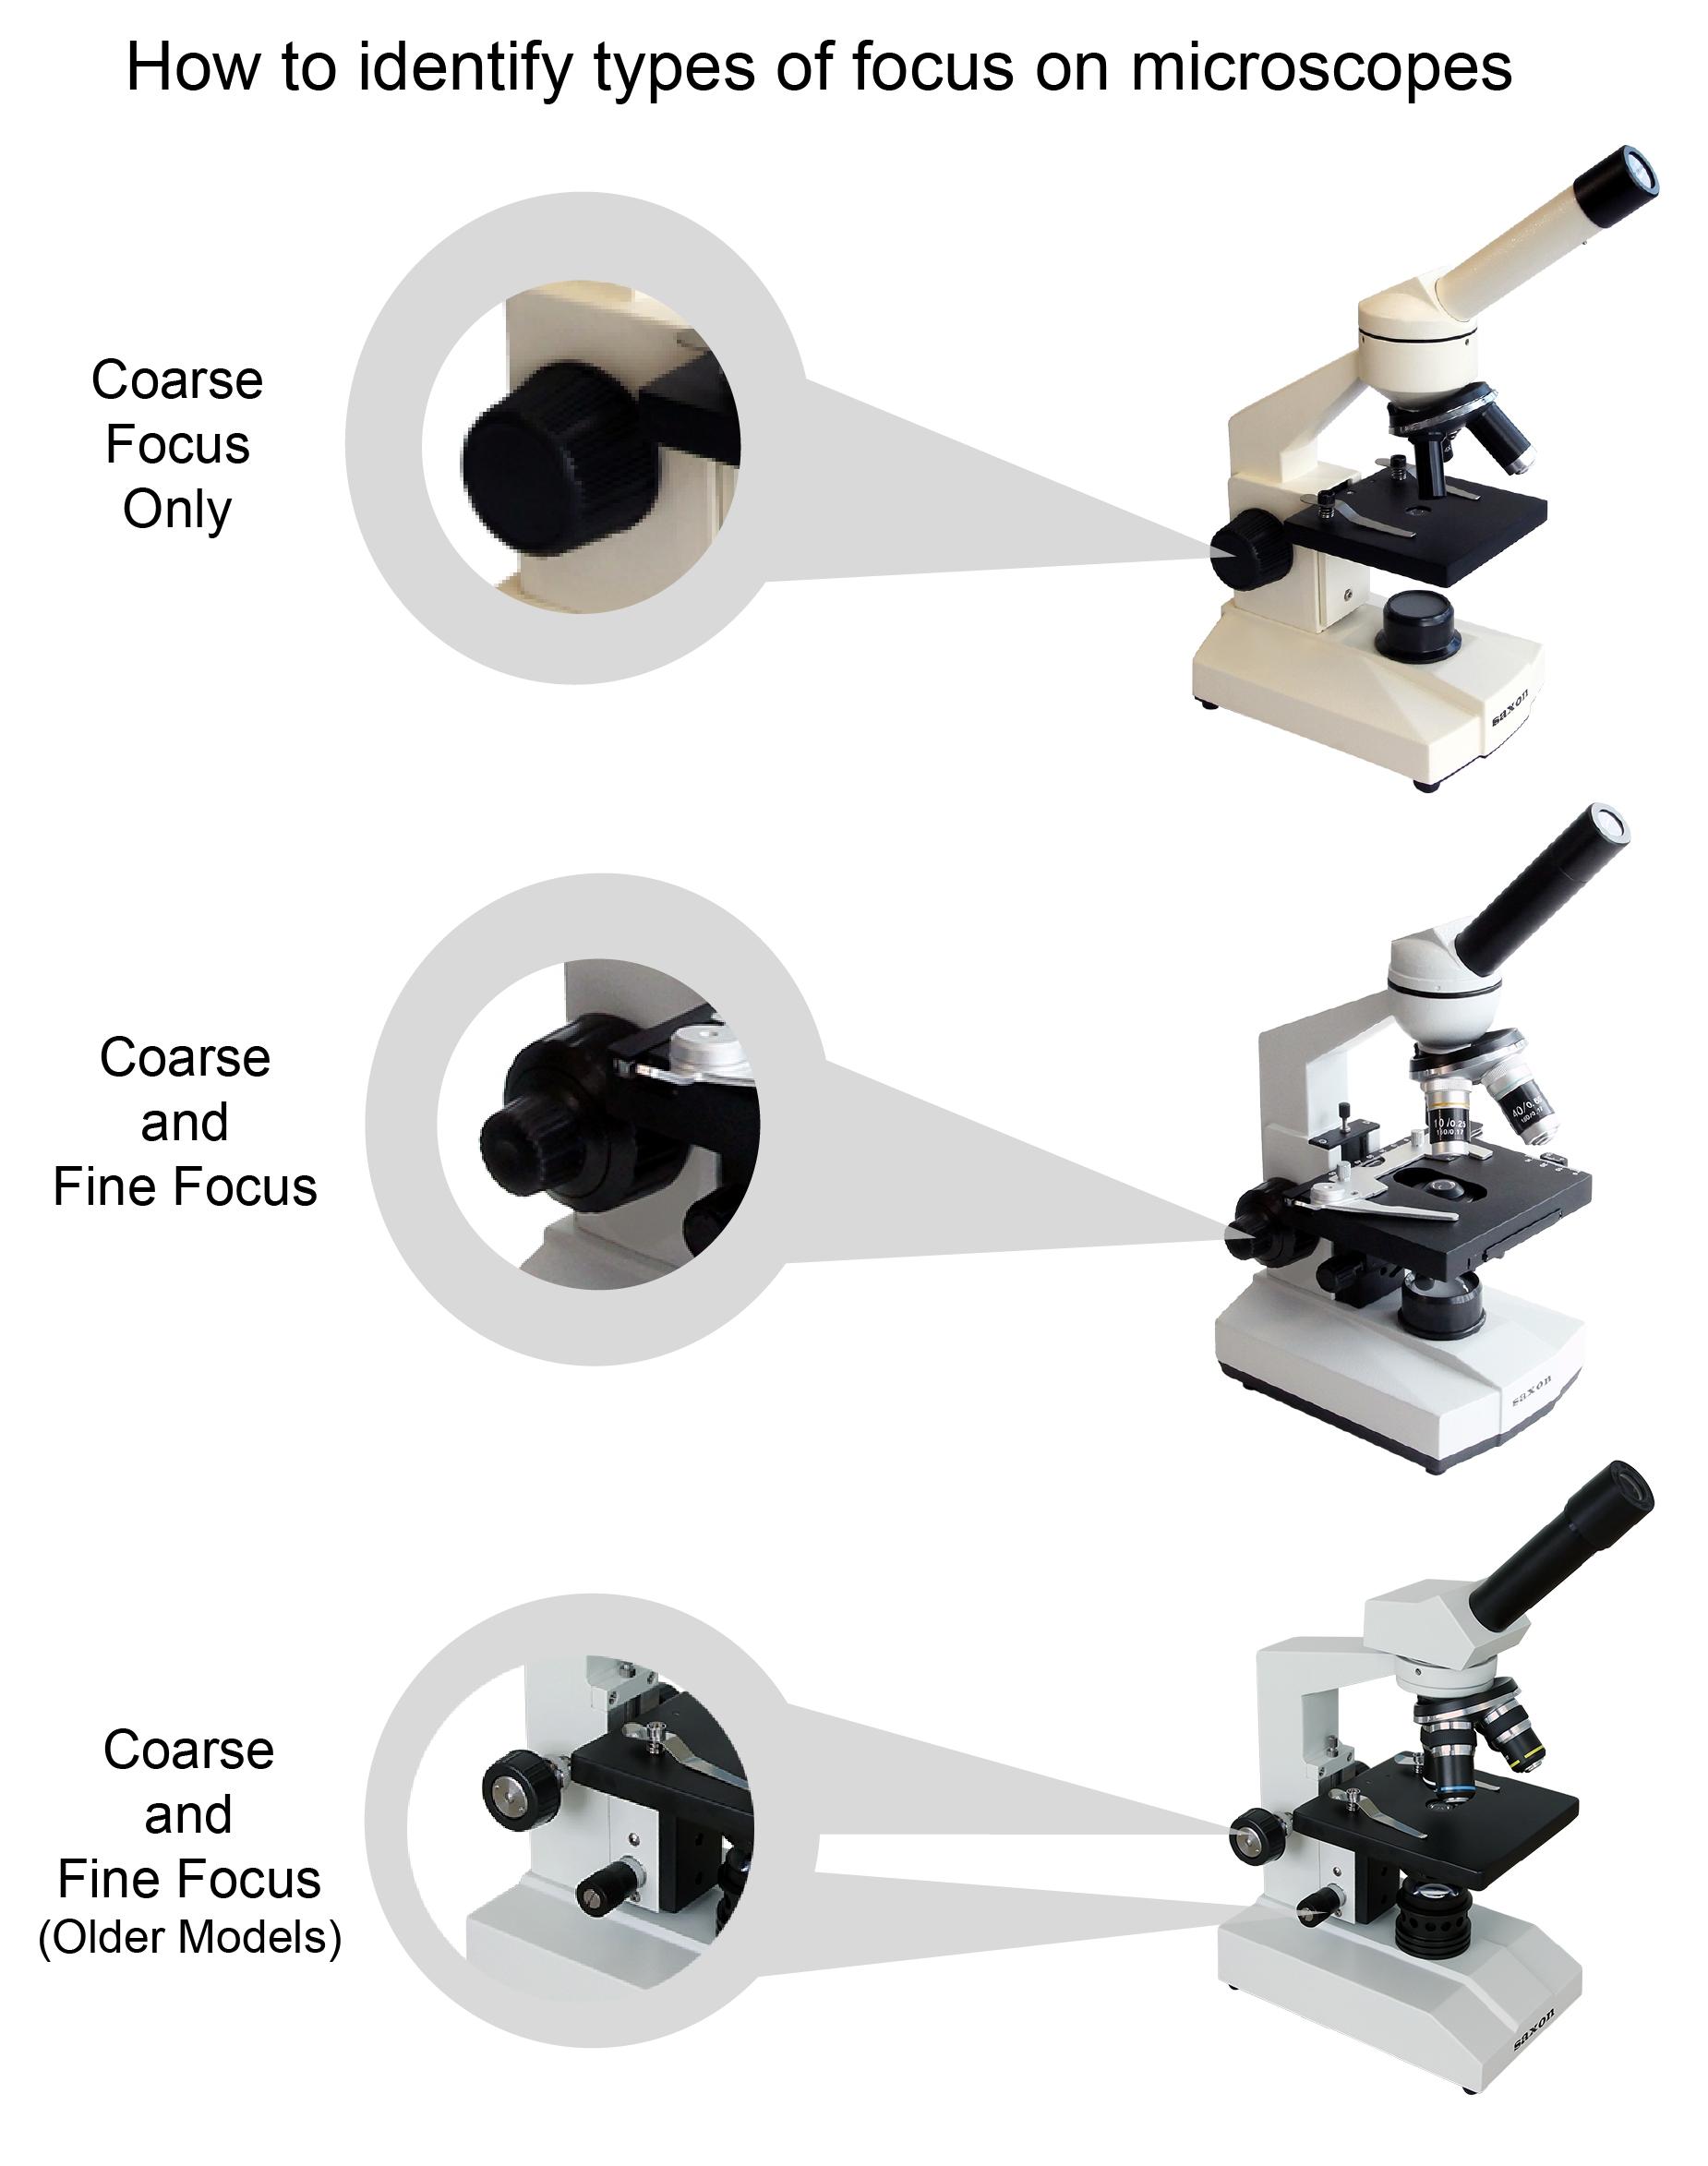 fine vs coarse focus 01